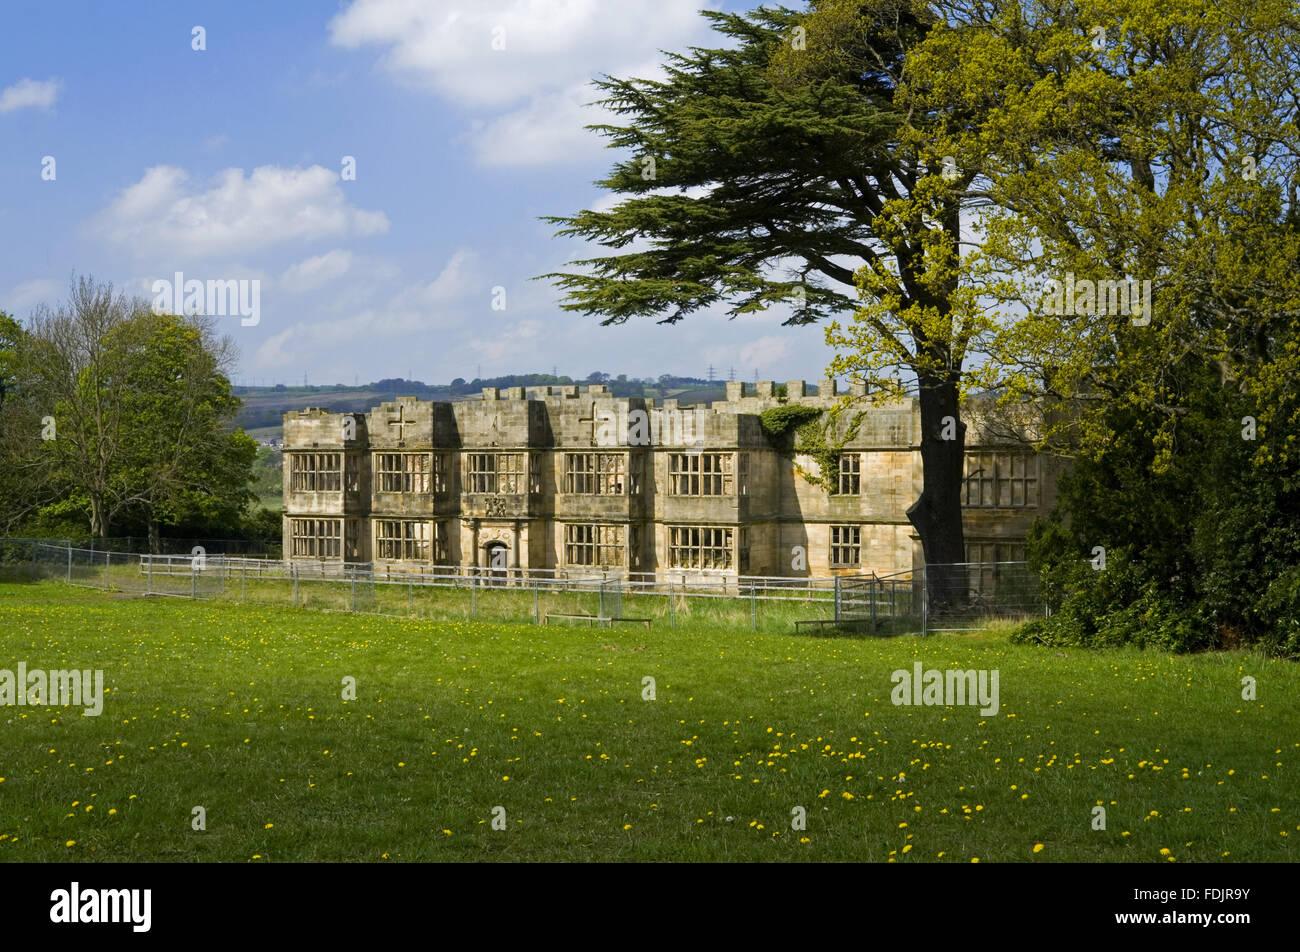 Gibside Hall, Newcastle upon Tyne. La maison a été construite entre 1603 et 1620, avec des modifications à la fois dans les 18e et 19e siècles. George Bowes a hérité de la succession en 1722 et les motifs paysagers le Gibside Hall. Banque D'Images